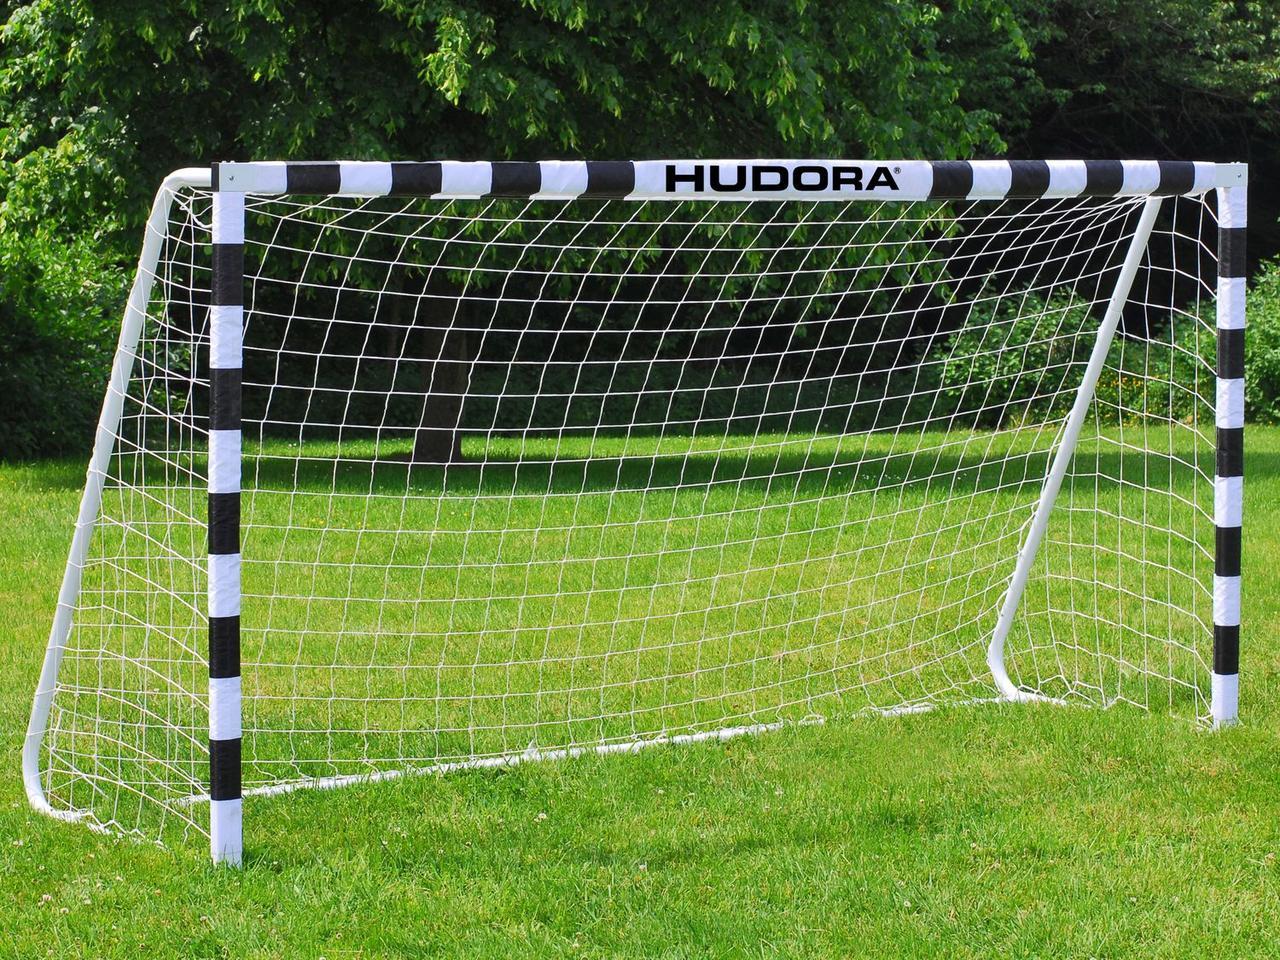 Футбольні ворота Hudora 300x200x90 см + сітка Німеччина